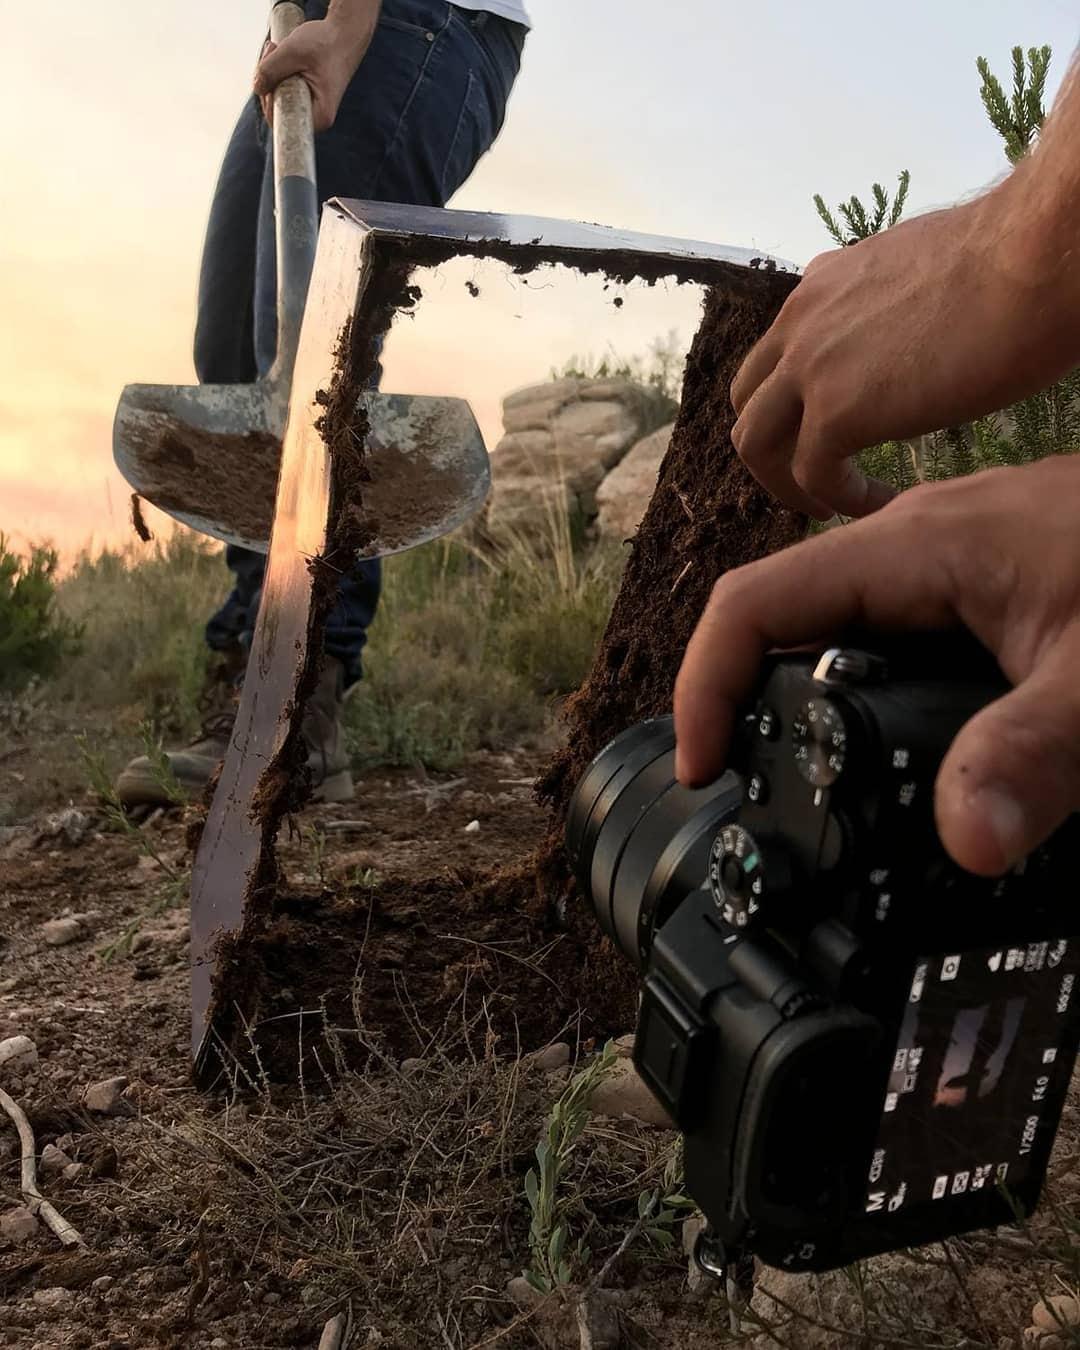 1564738404 9005e0c7cc61edba13f22ff7cf834cbd - Испанский фотограф показывает, что за его креативными работами стоит вовсе не фотошоп, а смекалочка